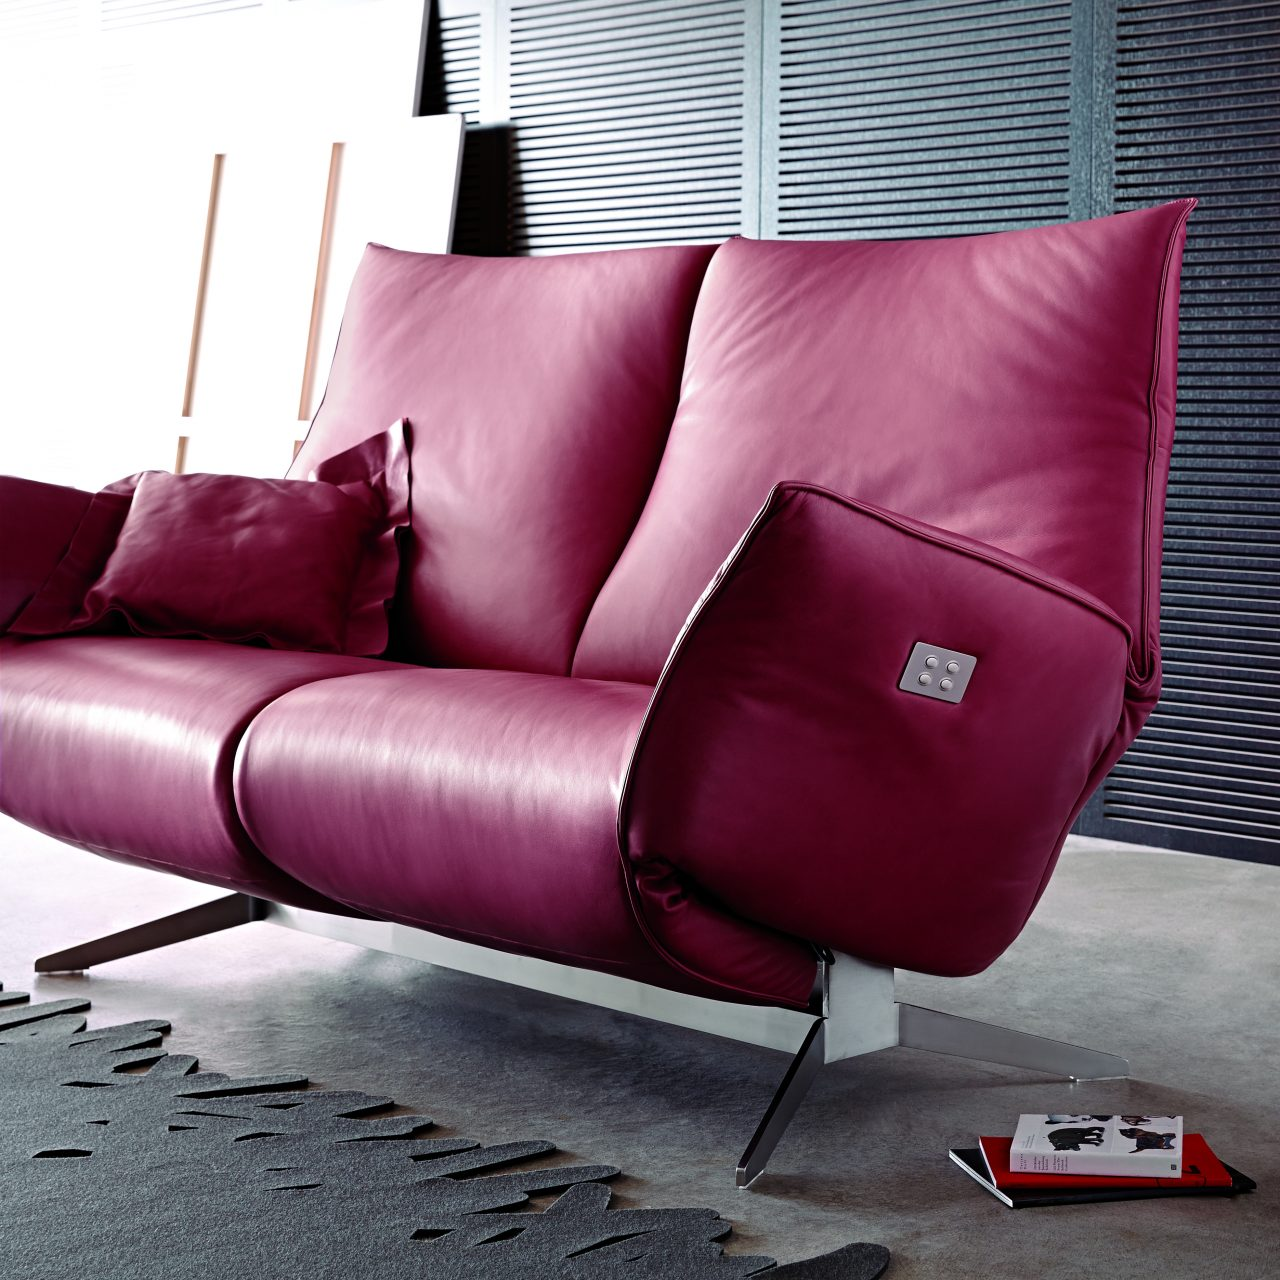 Evita sofa